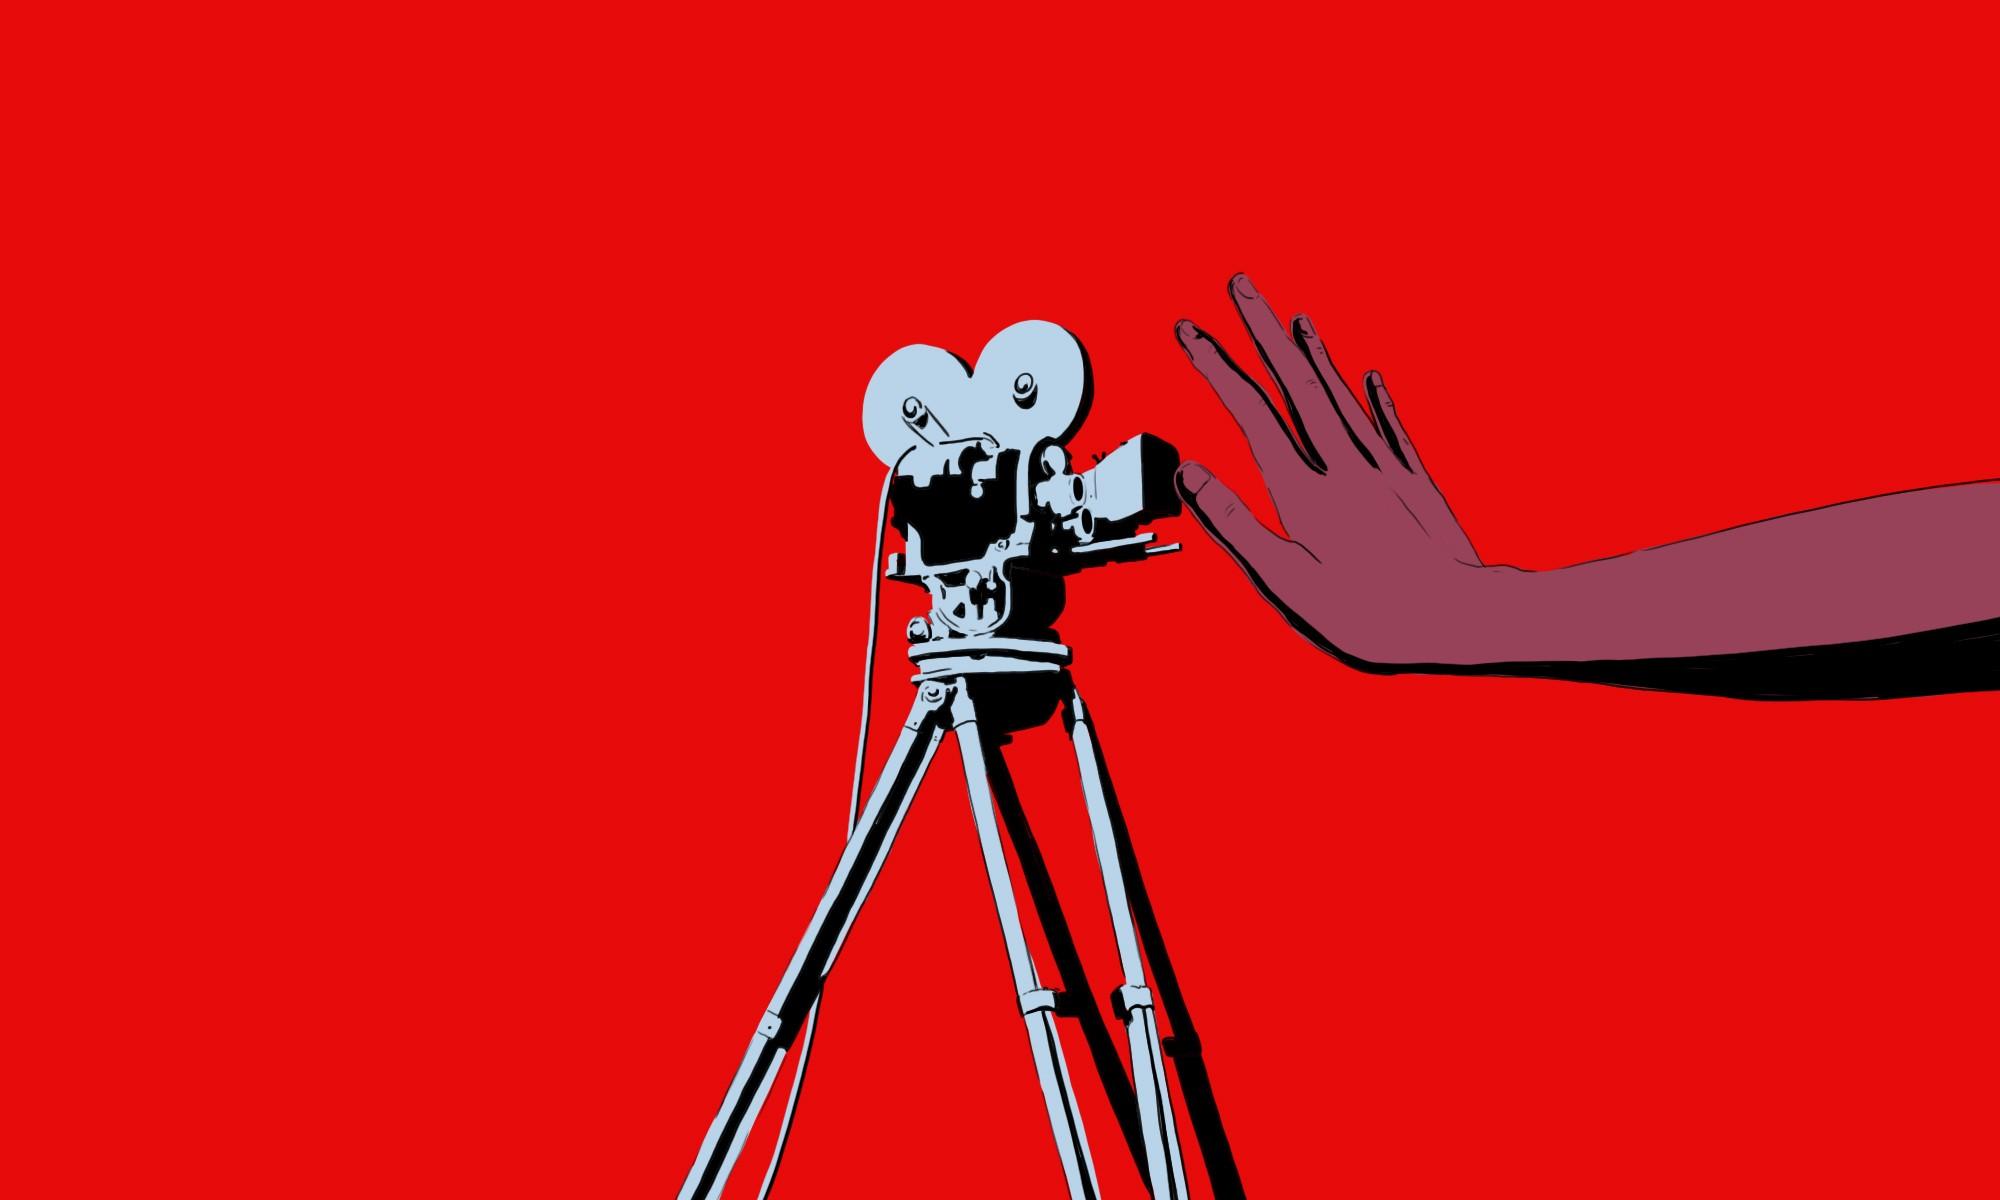 تیغ برنده سانسور بر تن فیلمهای کوتاه